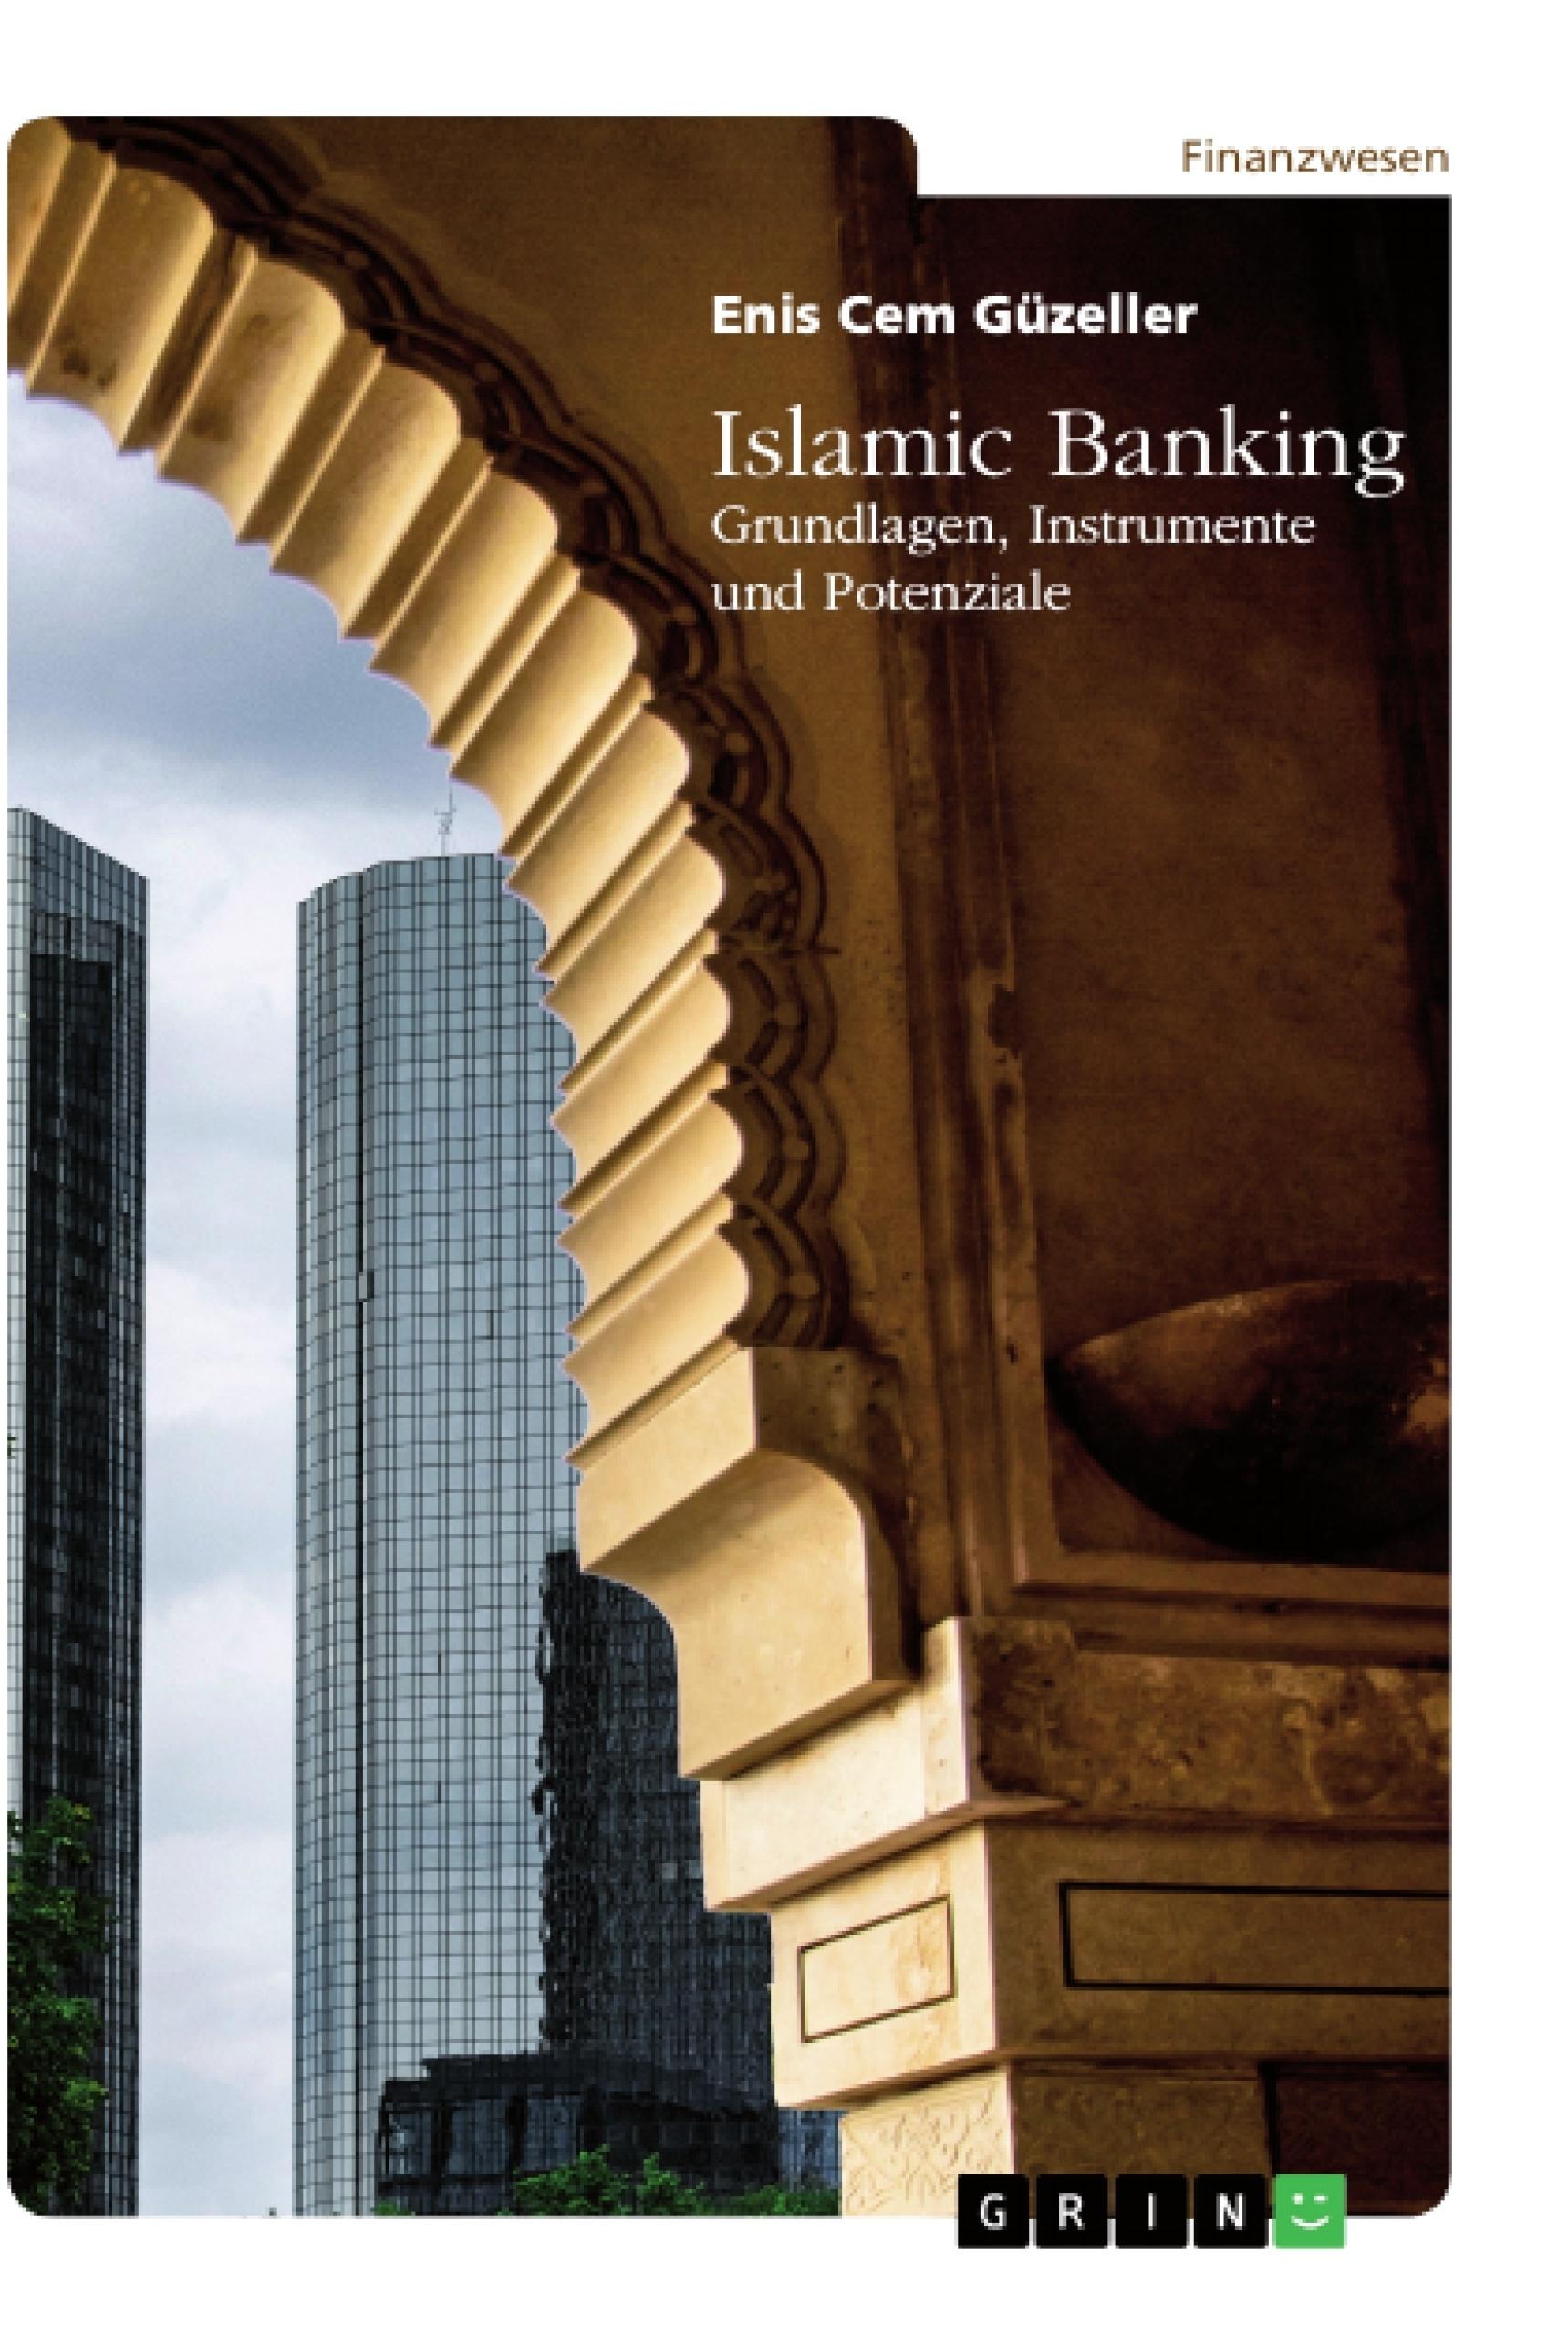 Titel: Islamic Banking. Grundlagen, Instrumente und Potenziale